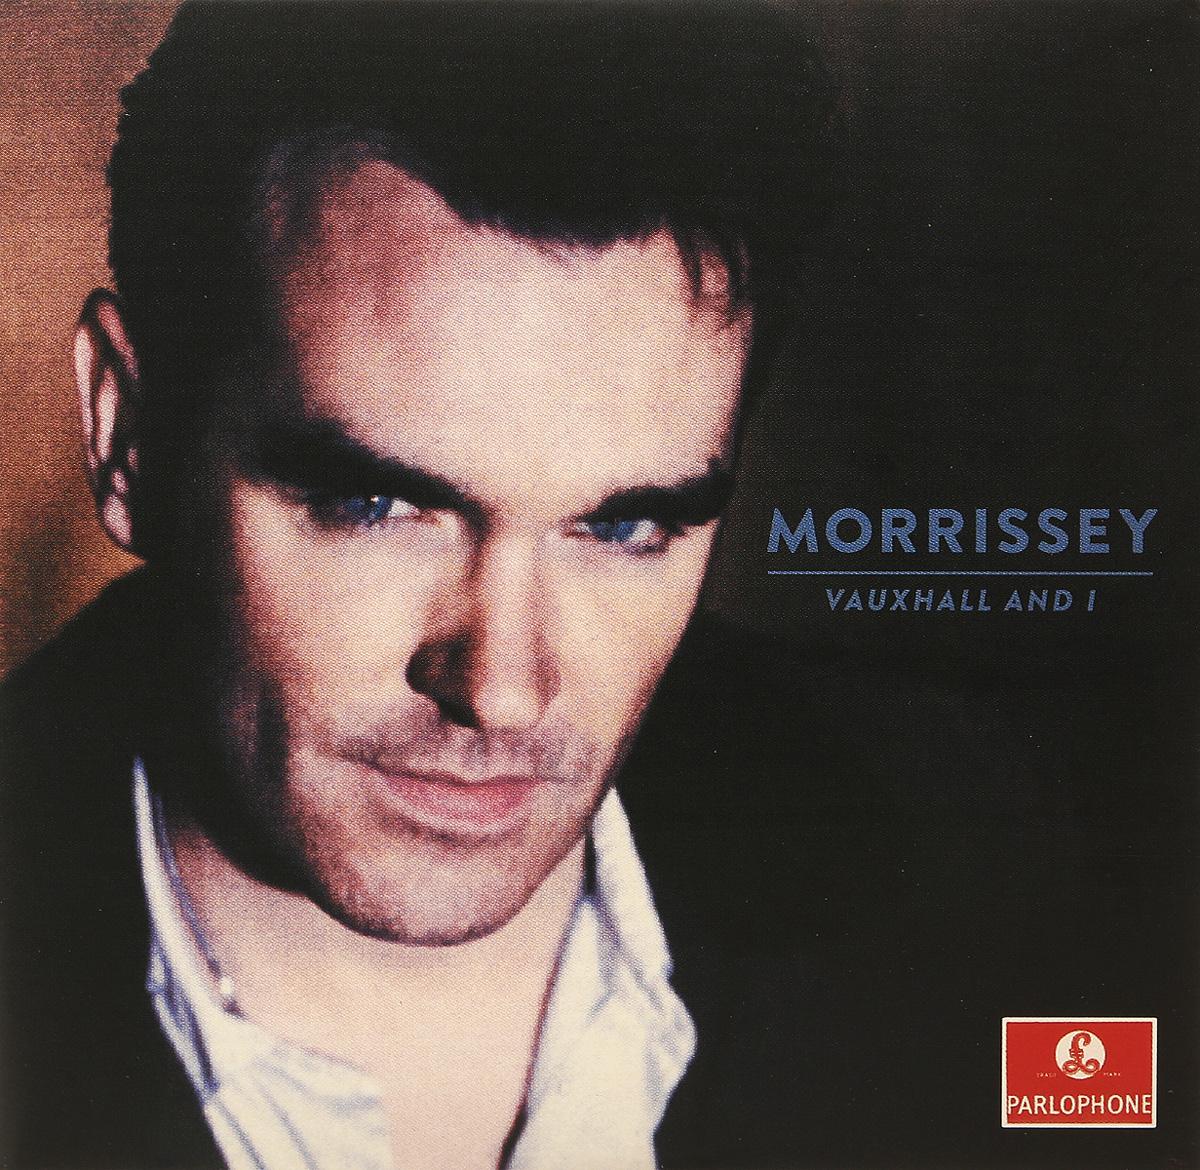 Моррисси Morrissey. Vauxhall And I (2 CD) моррисси morrissey very best of cd dvd